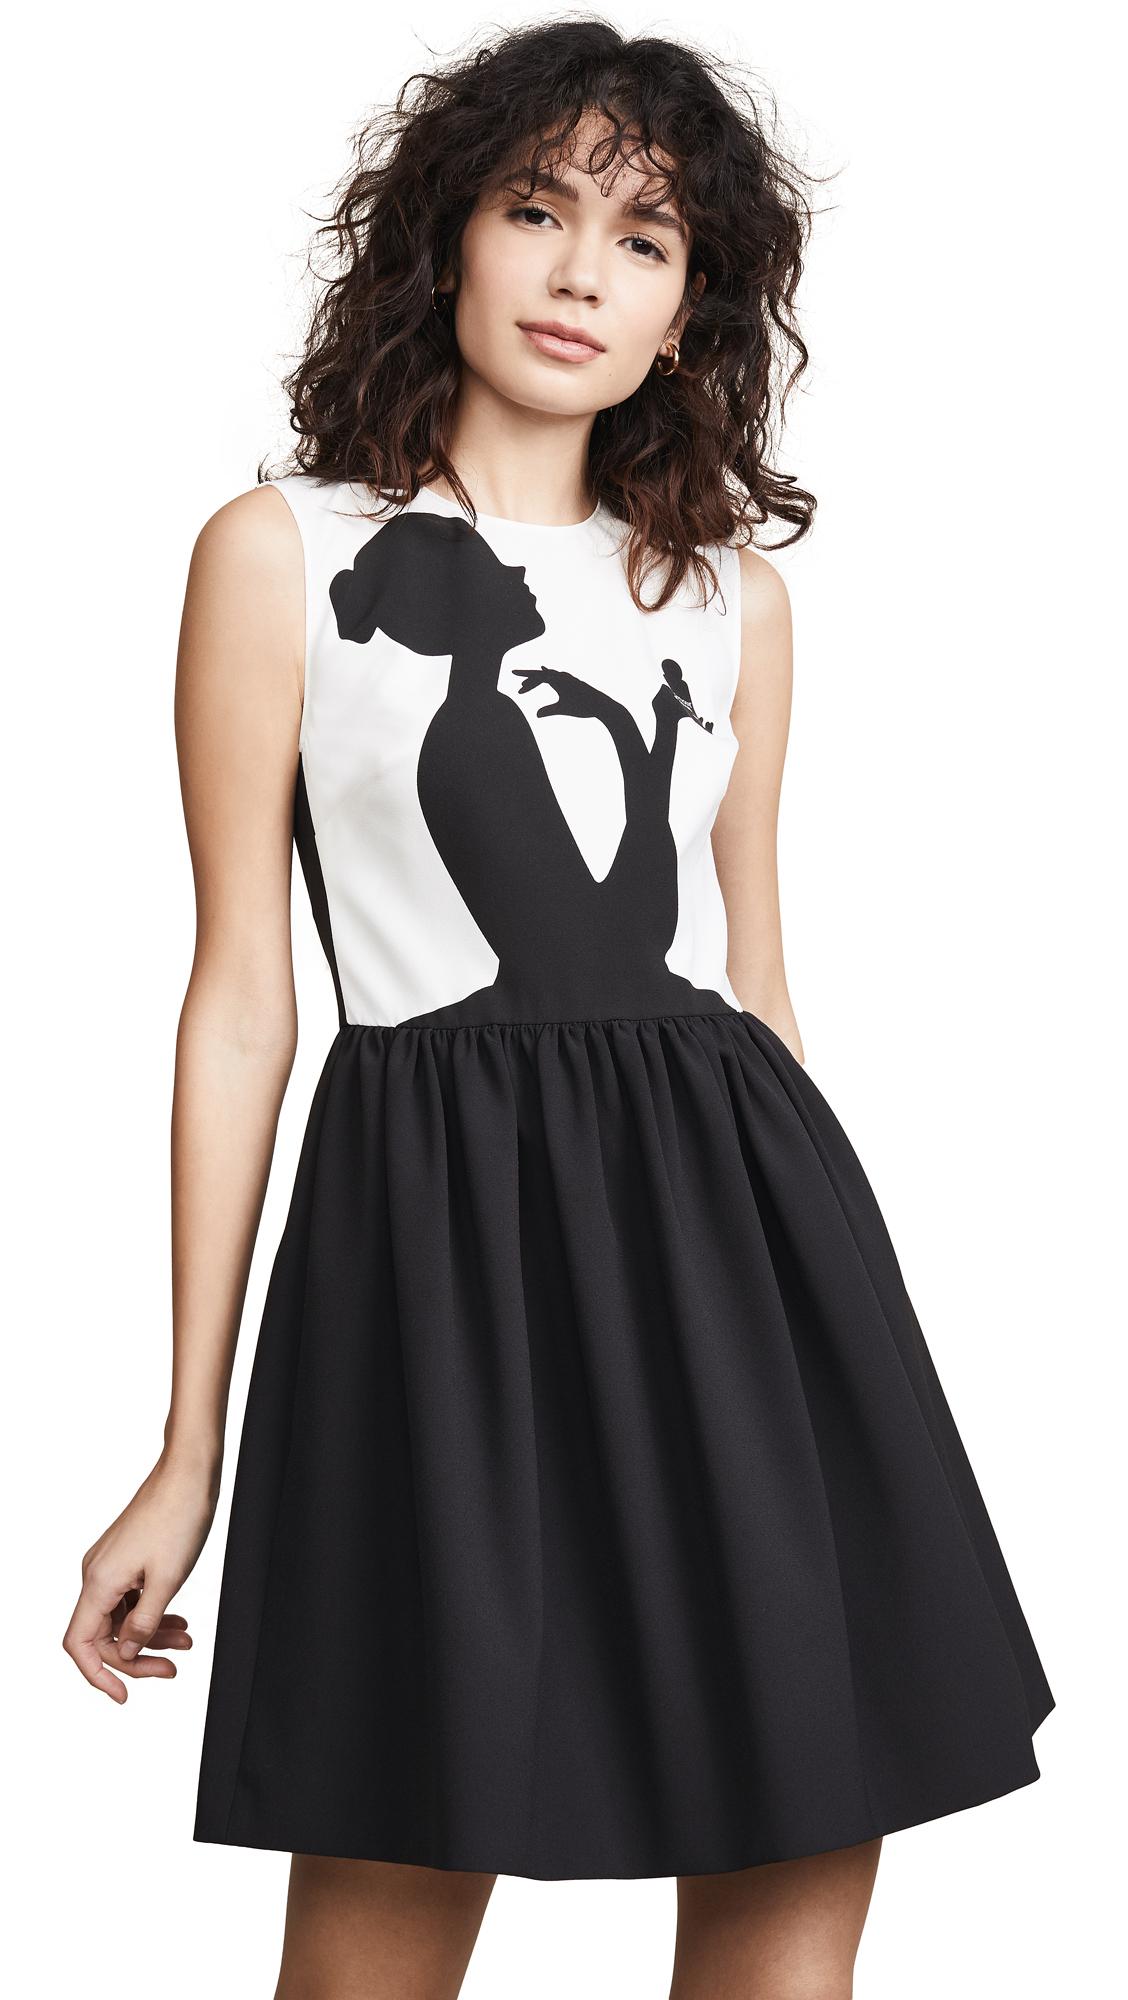 Boutique Moschino Silhouette Mini Dress - Black/White